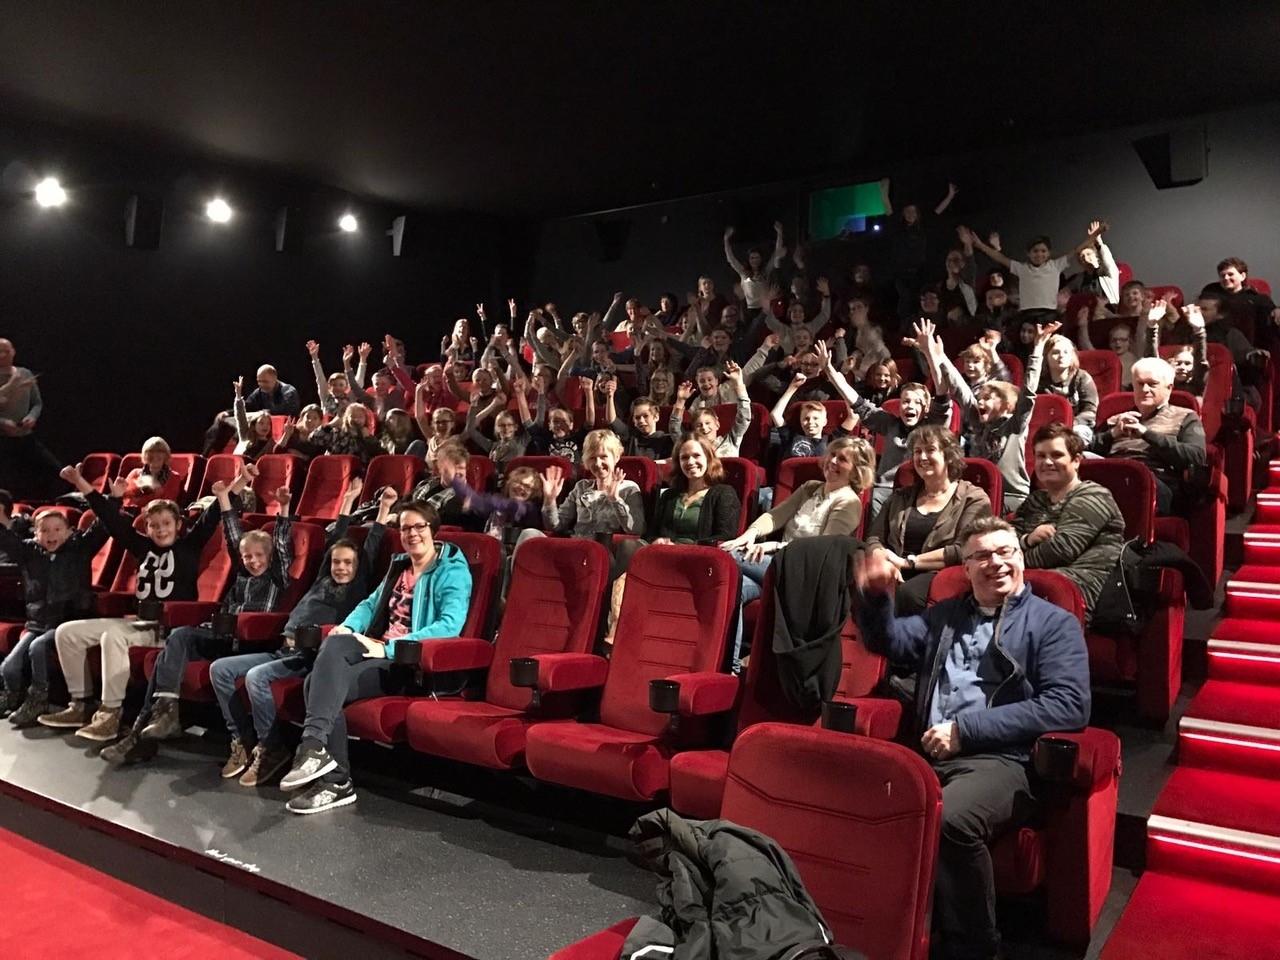 Filmoverzicht bioscoop Kok CinemaxX Harderwijk van 20 juli t/m 26 juli 2017